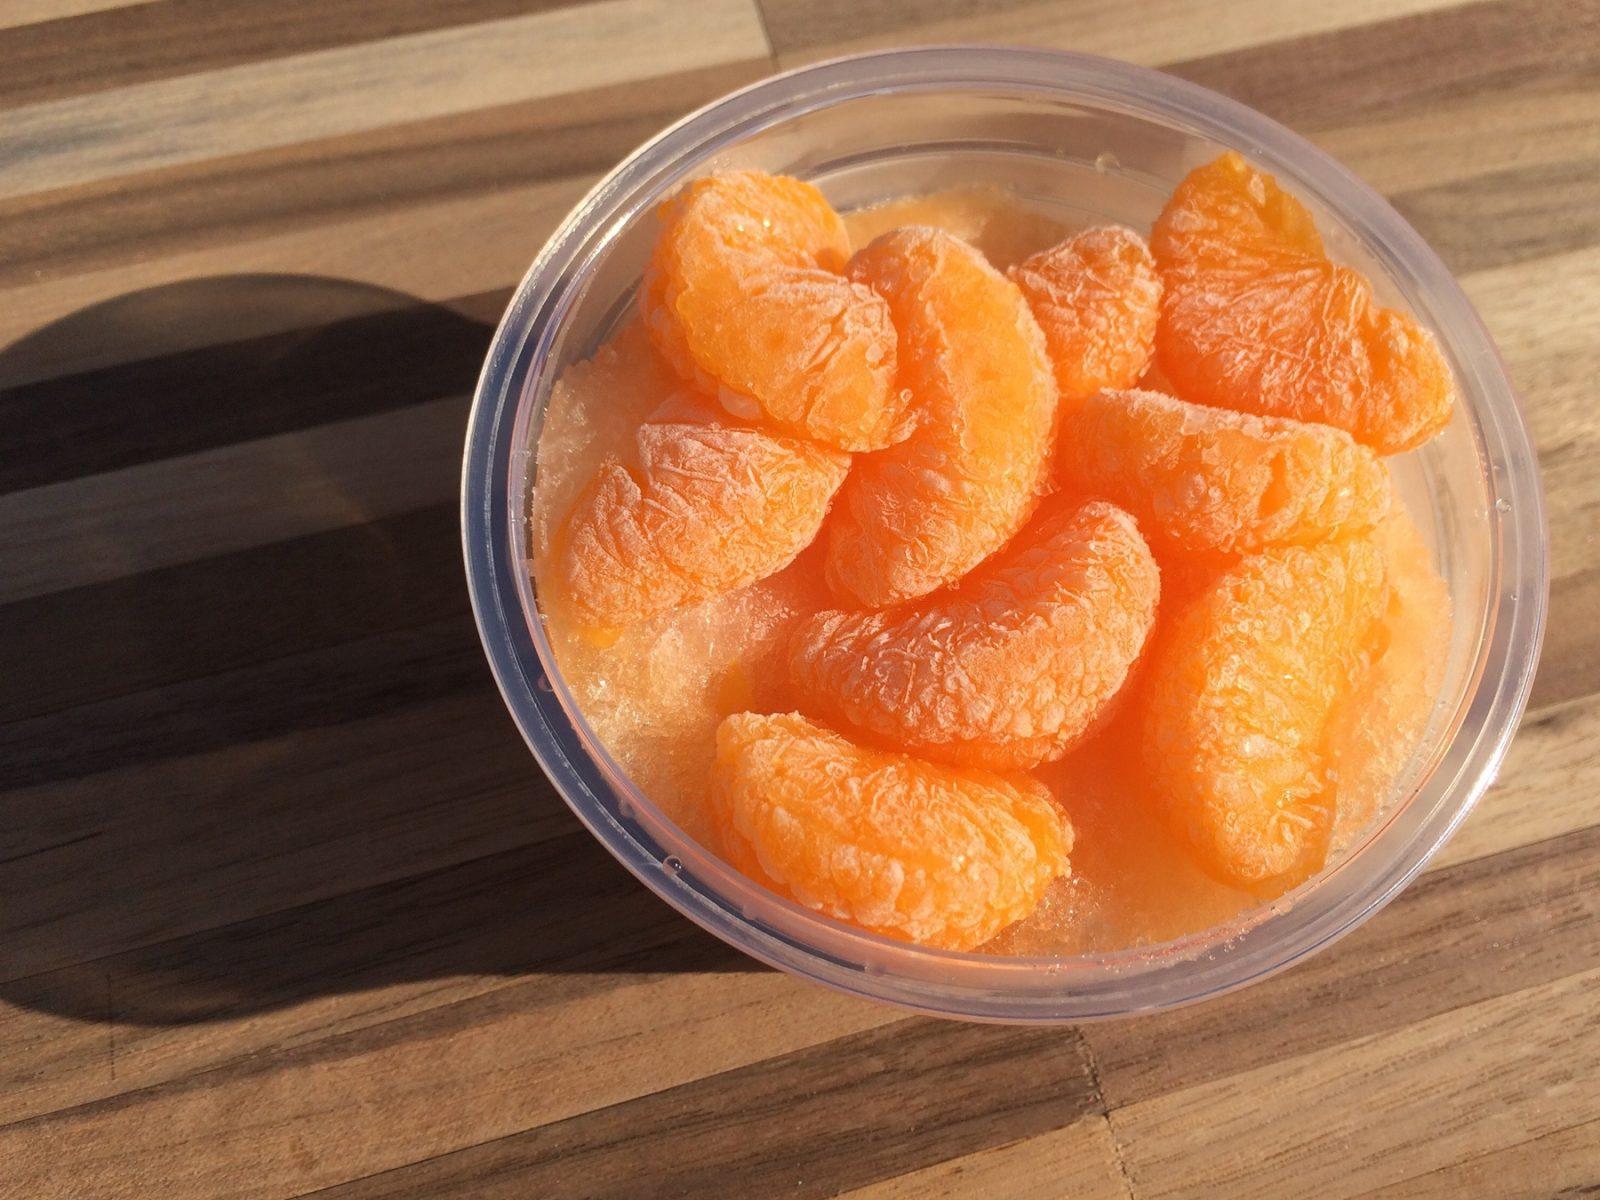 「給食の冷凍みかん」の味ってはっきり覚えてますか?かき氷 ...